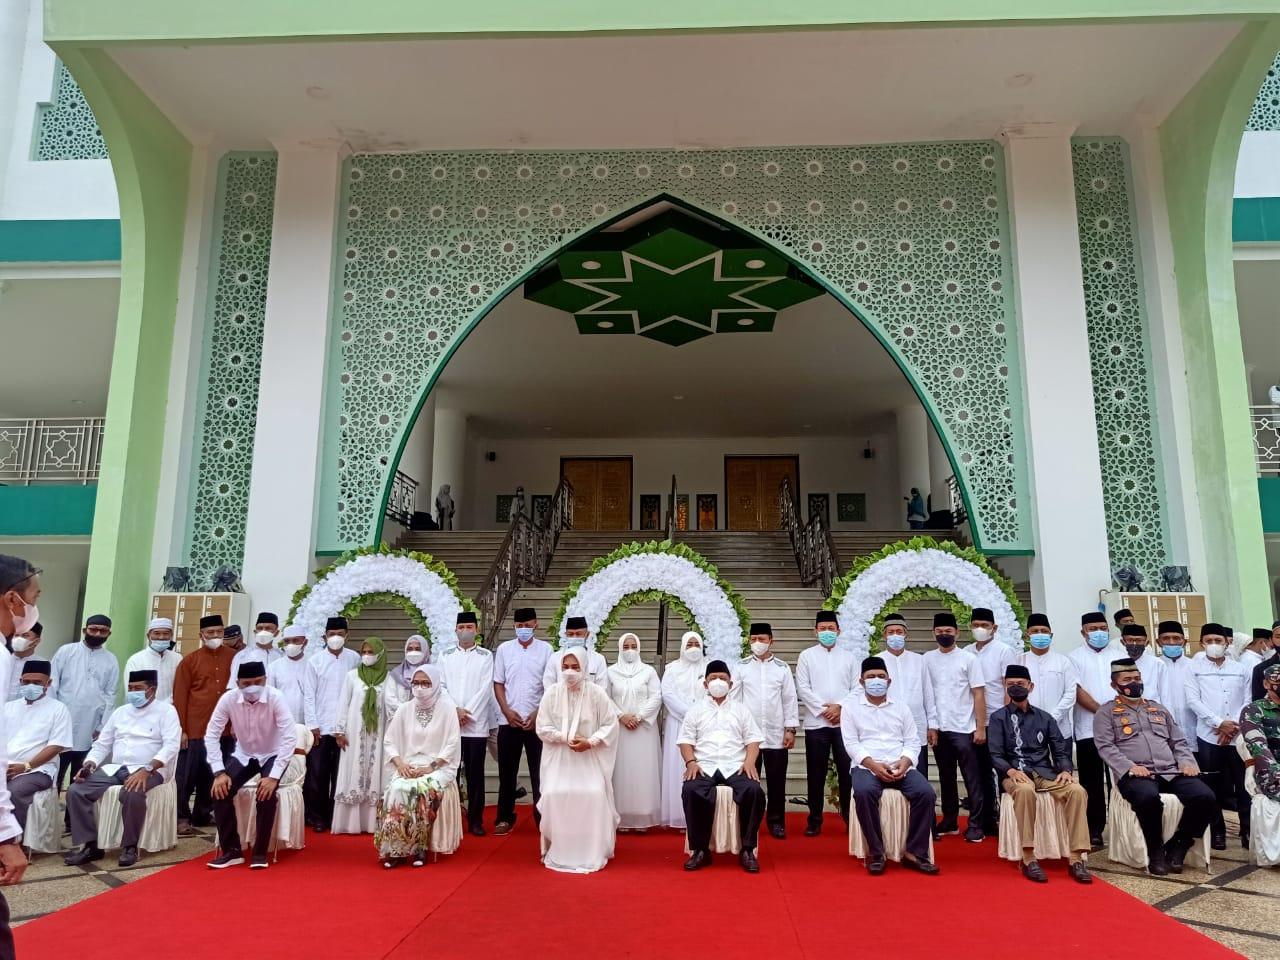 Suasana persemian Masjid Agung Baitul Makmur